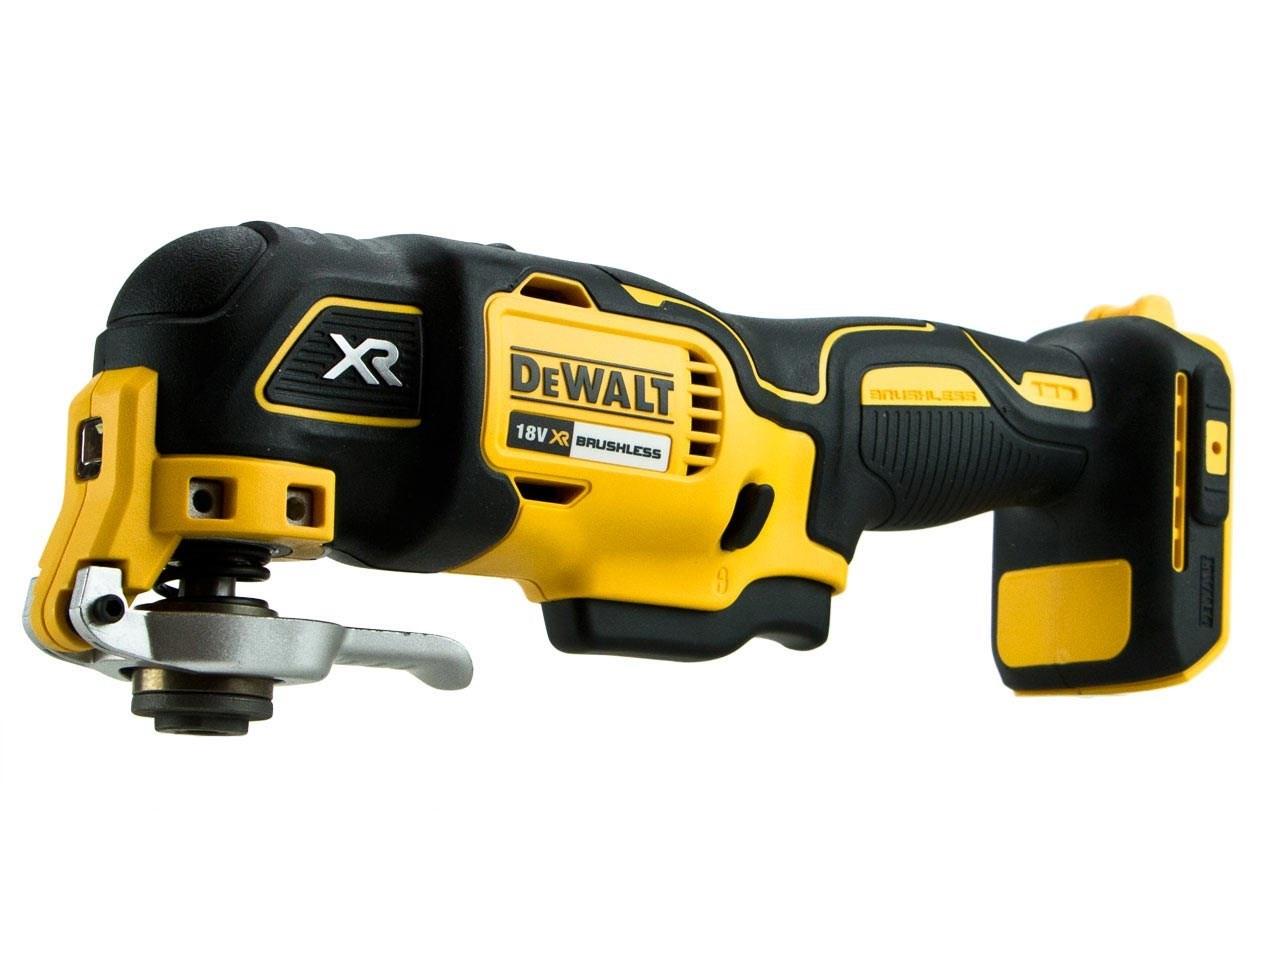 DEWALT DCS355N 18v XR Brushless Oscillating Multi-Tool